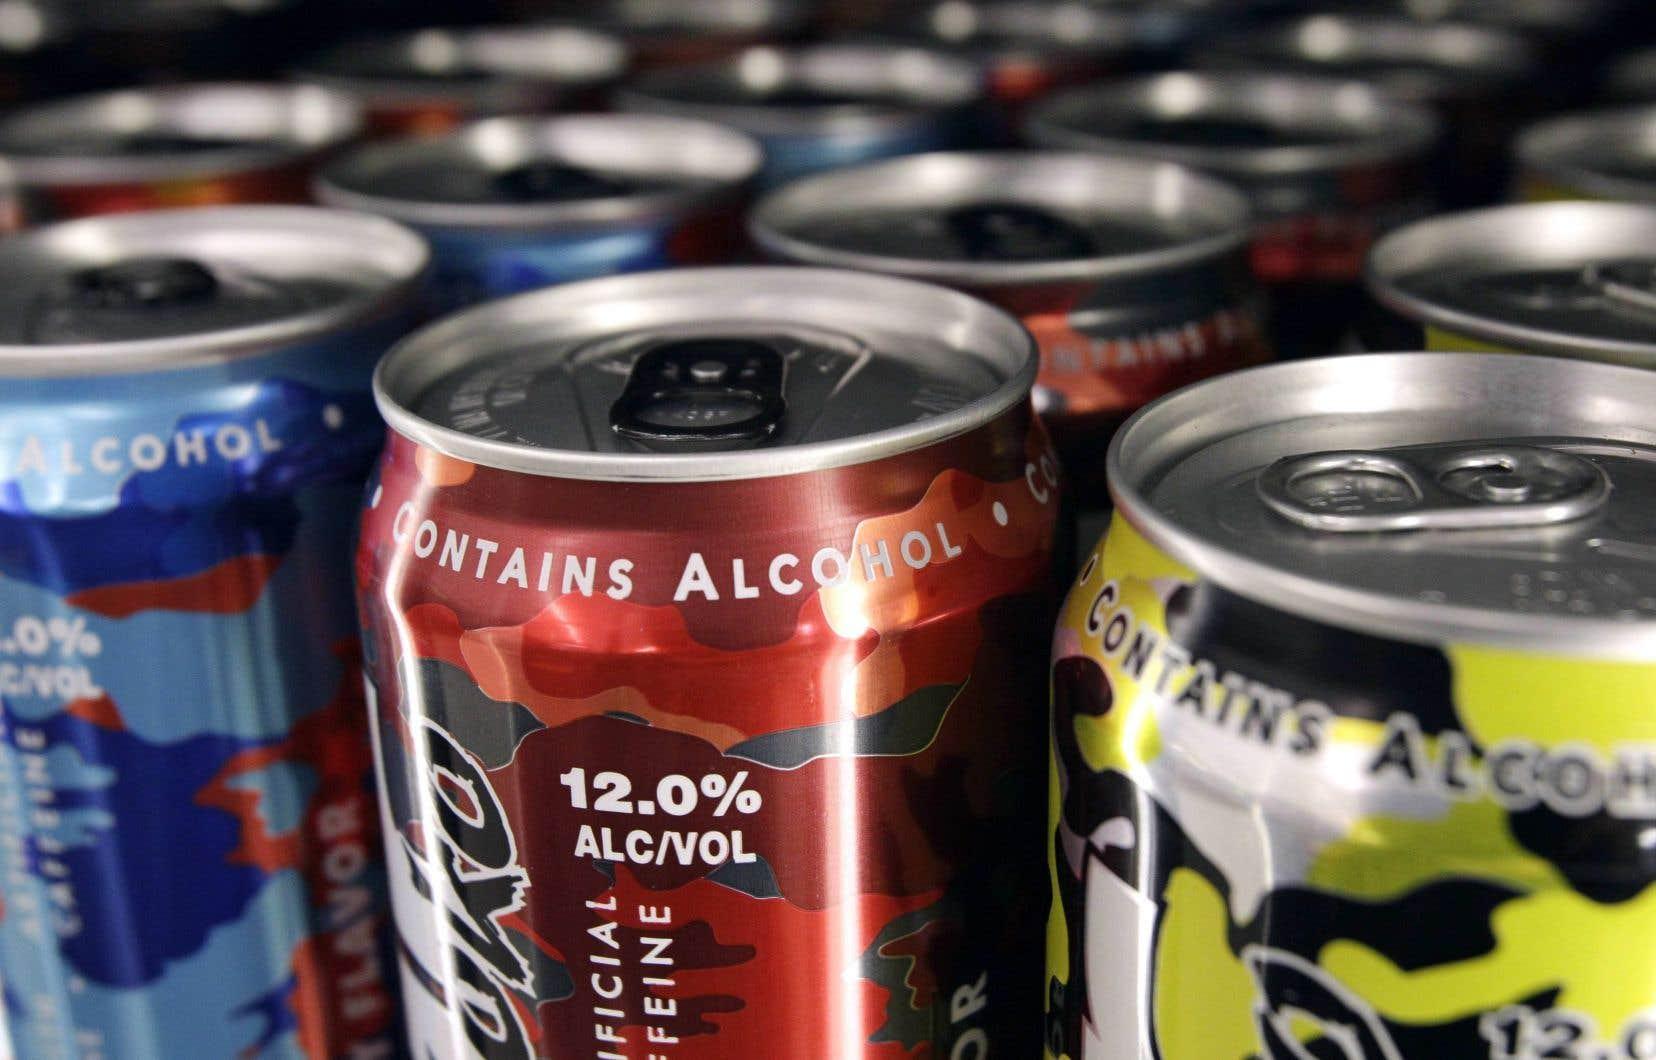 La consommation excessive de boissons sucrées alcoolisées a joué un rôle dans la mort de la jeune Athéna Gervais l'année dernière, selon le coroner.